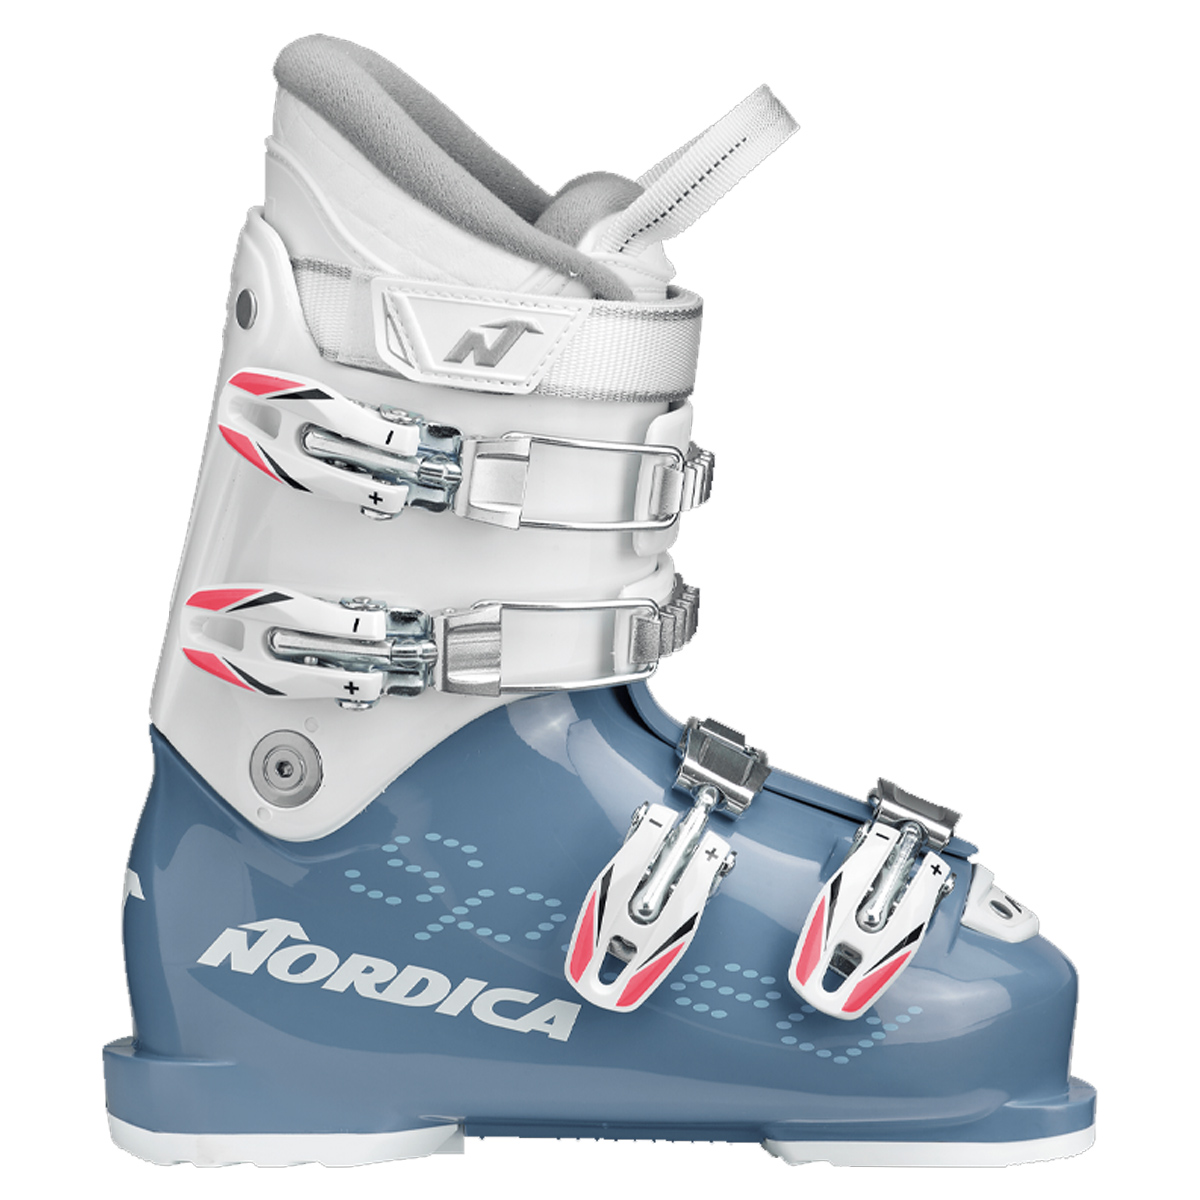 Scarponi sci Nordica Speedmachine J 4 girl (Colore: light blue-white, Taglia: 19.5)